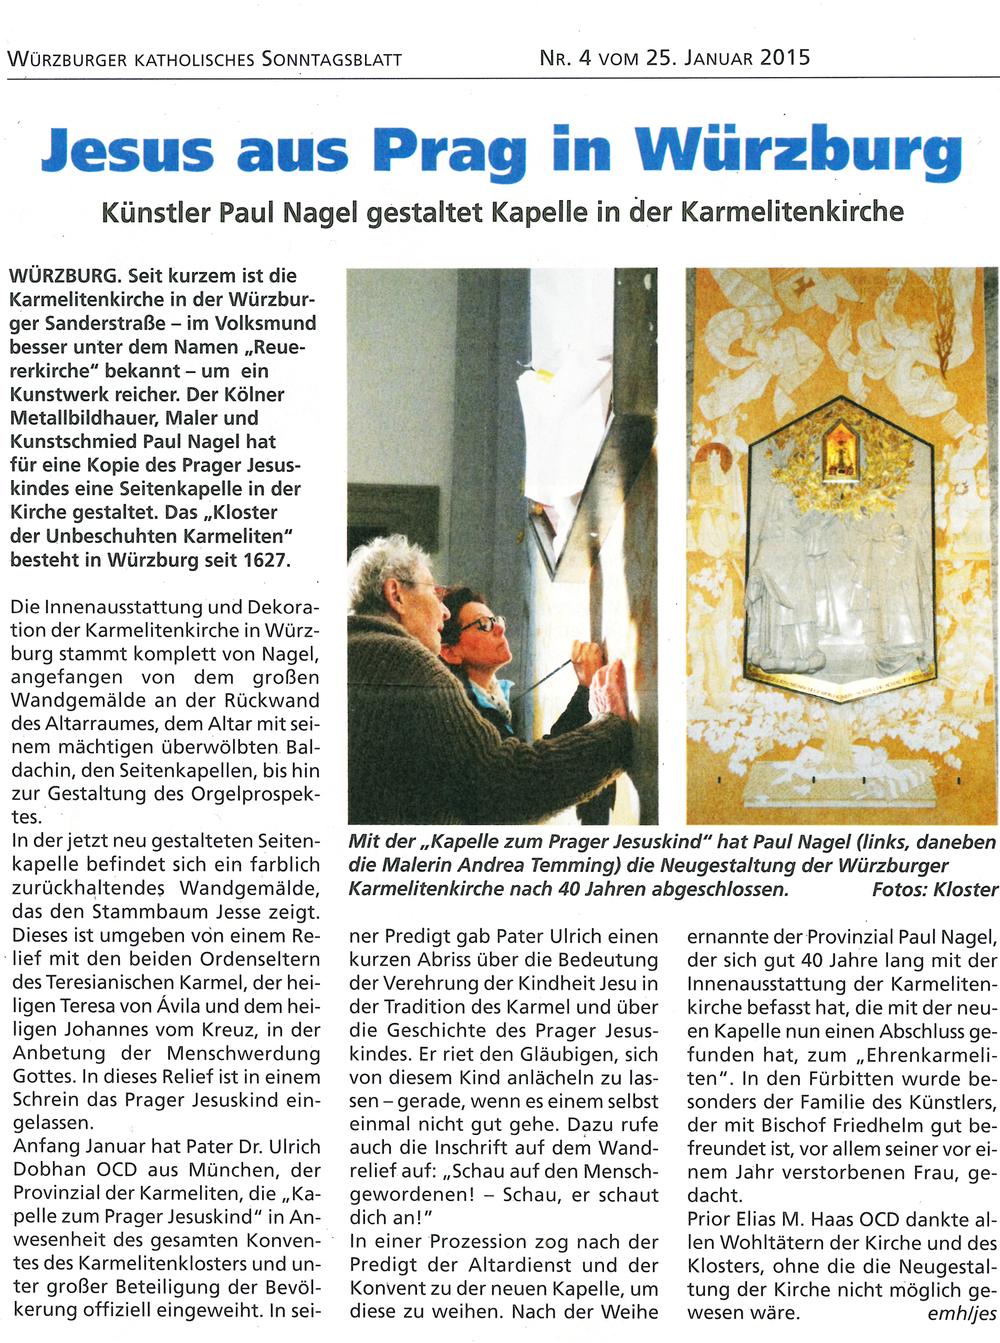 Würzburger Katholisches Sonntagsblatt, 25. Januar 2015